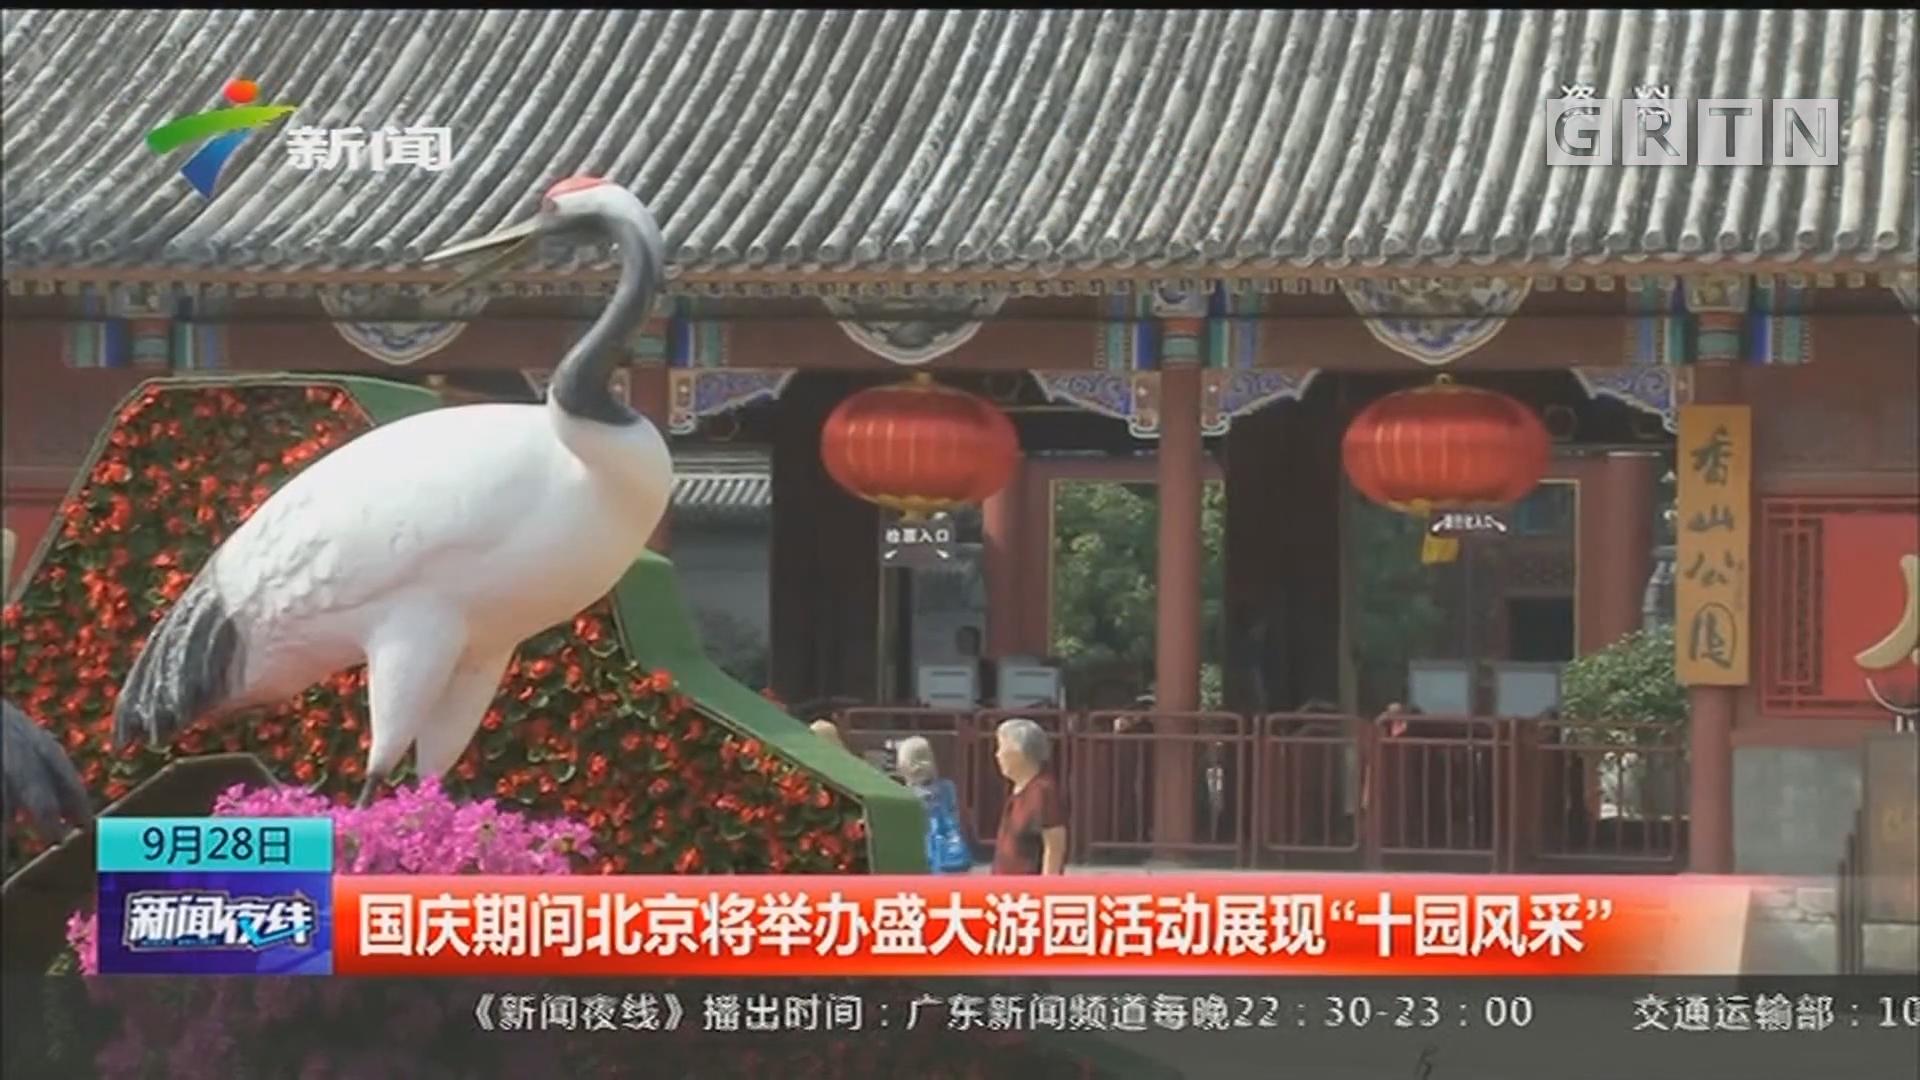 """国庆期间北京将举办盛大游园活动展现""""十园风采"""""""